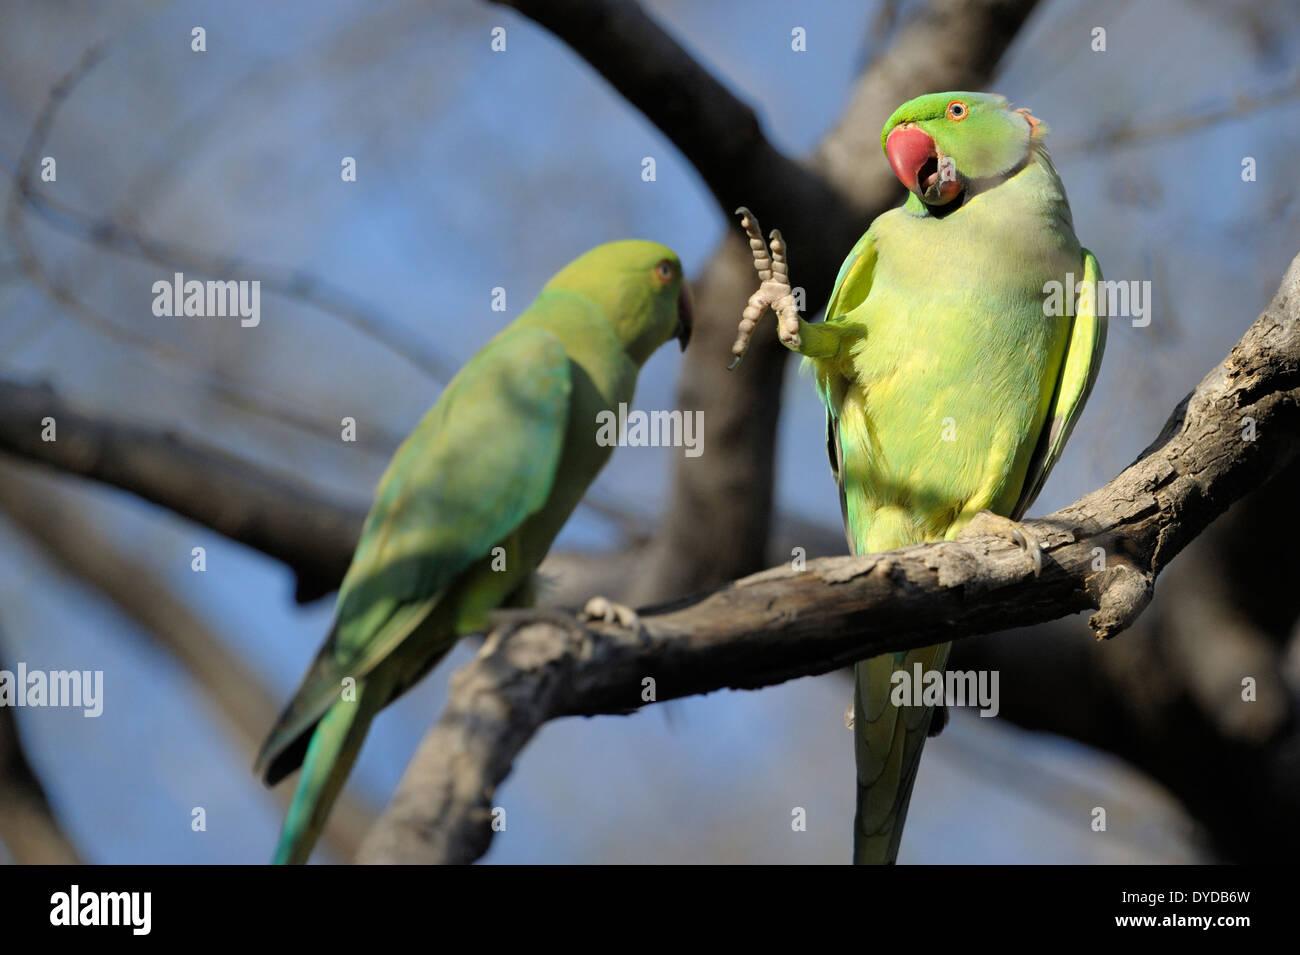 Rose-ringed parakeet (Psittacula eupatria) pair displaying. - Stock Image